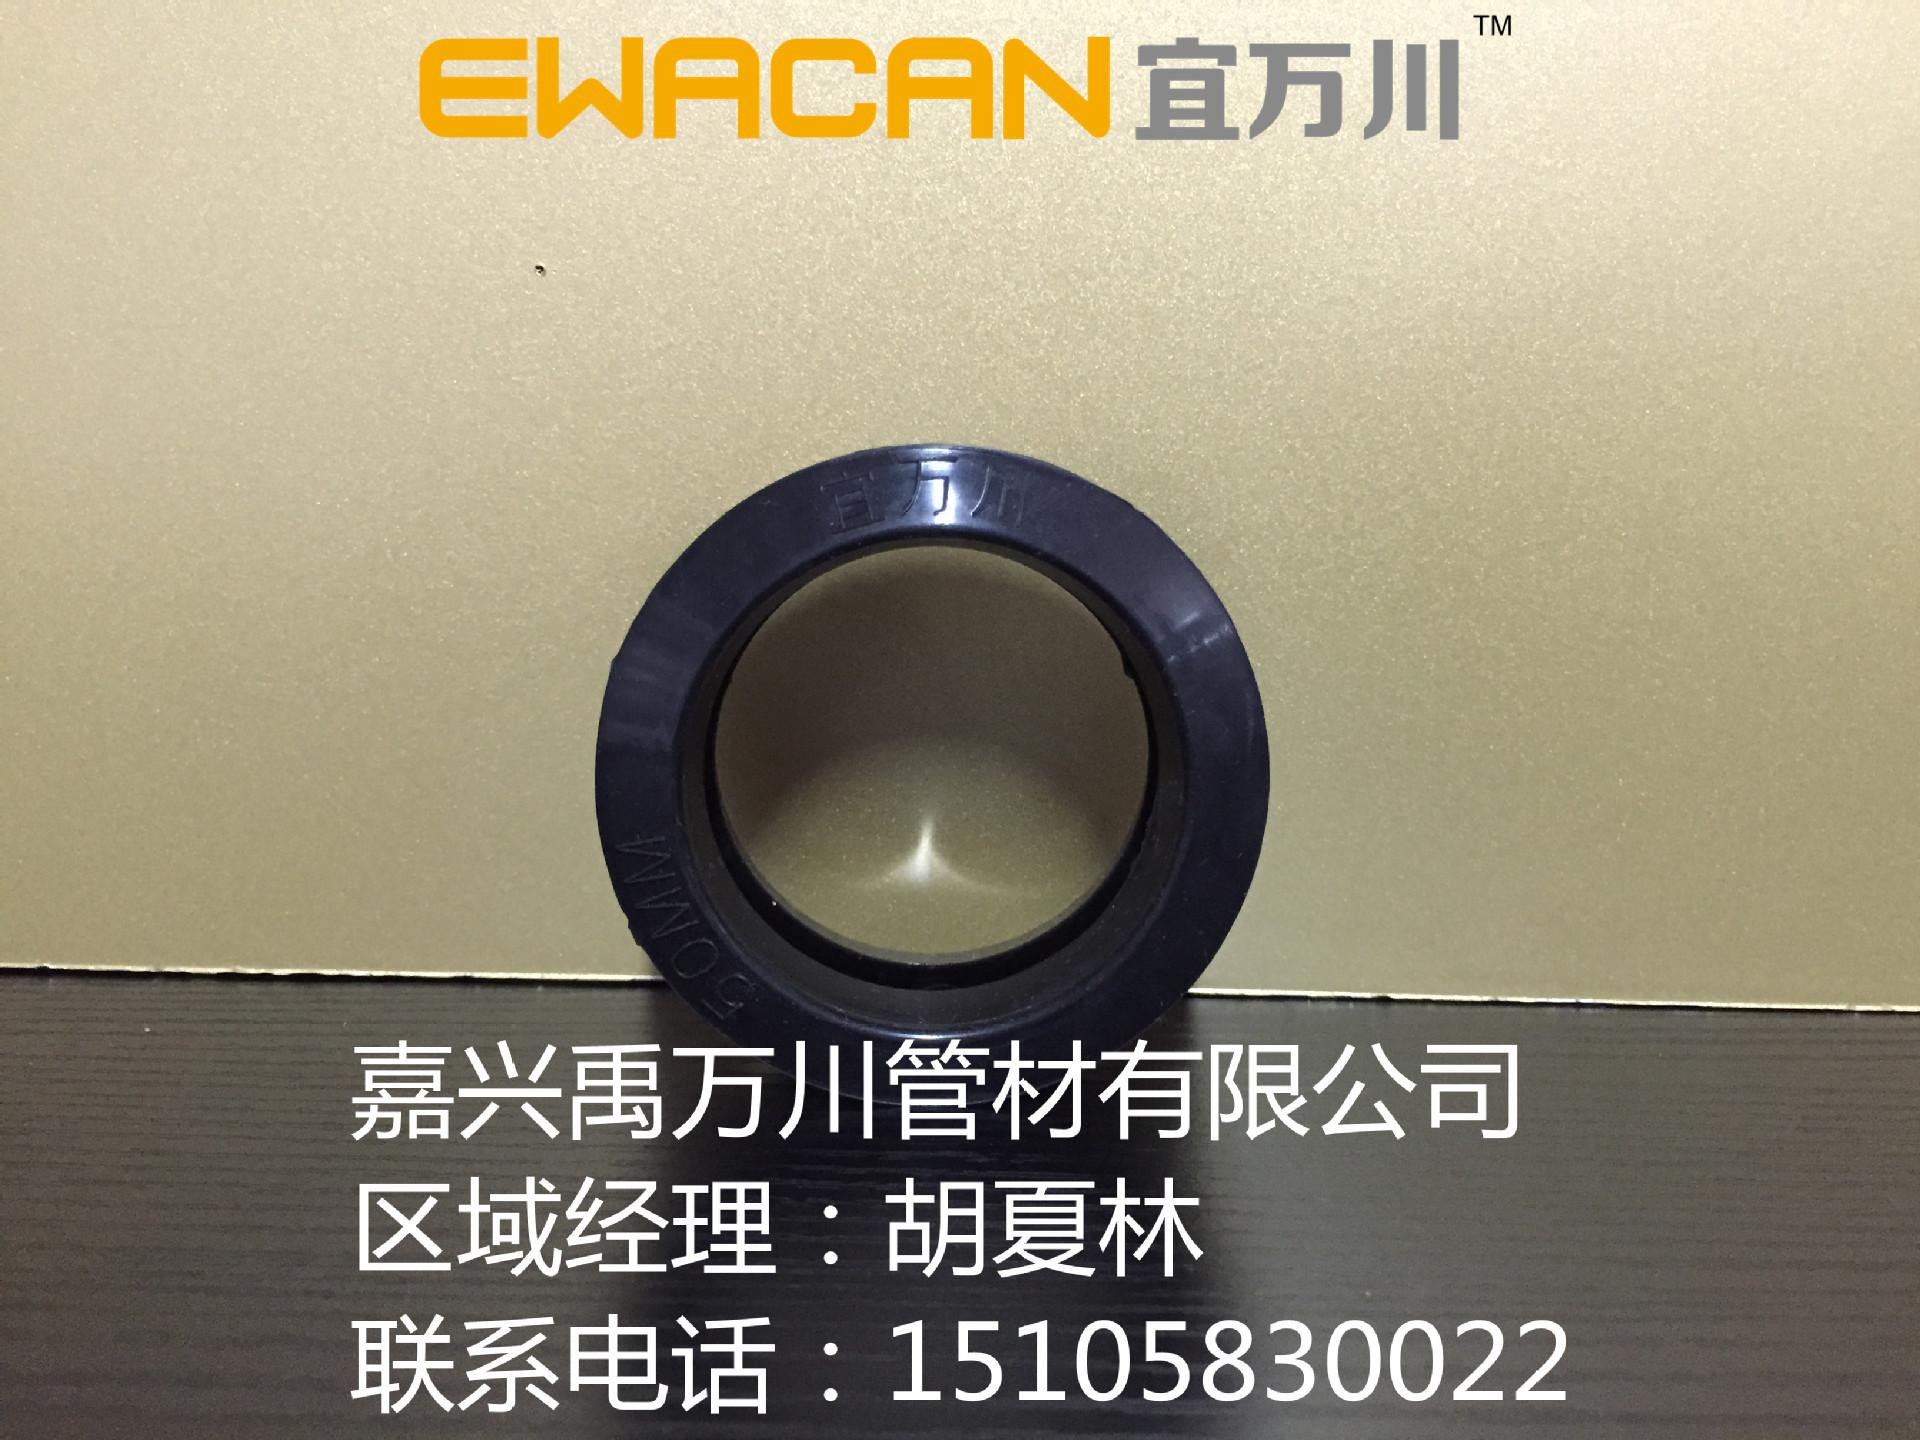 沟槽式HDPE超静音排水管,密封圈,hdpe沟槽式排水管宜万川示例图10